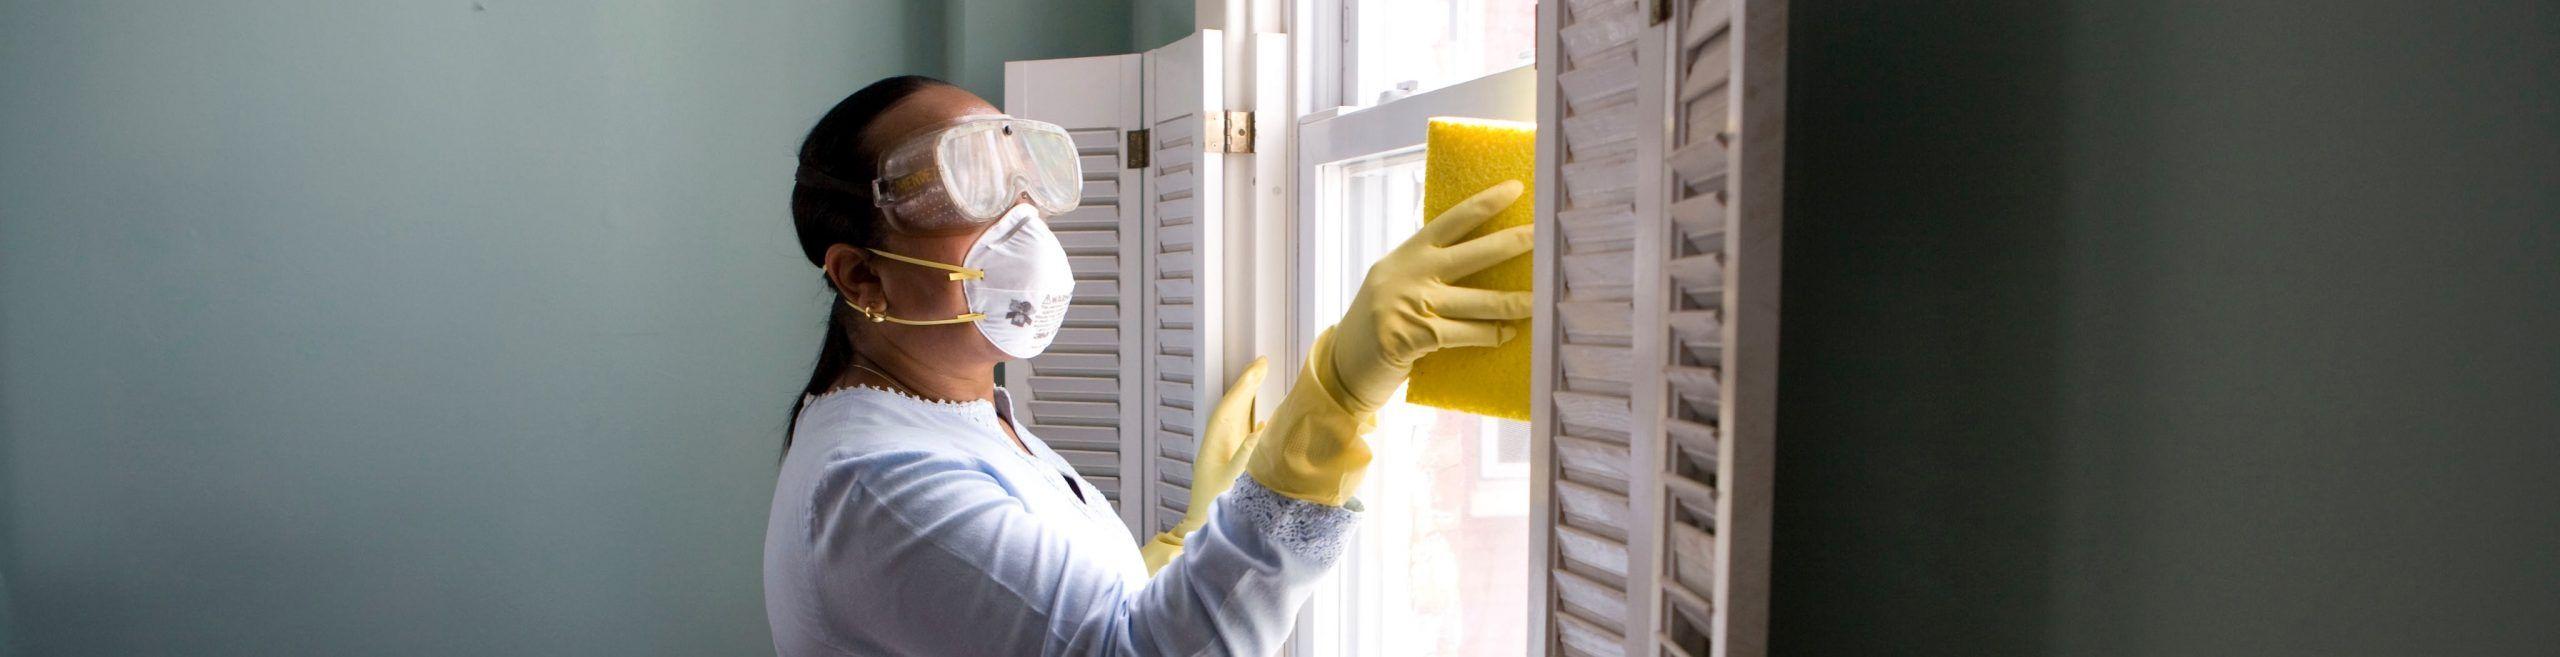 mujer limpiando con guantes, gafas y mascarilla